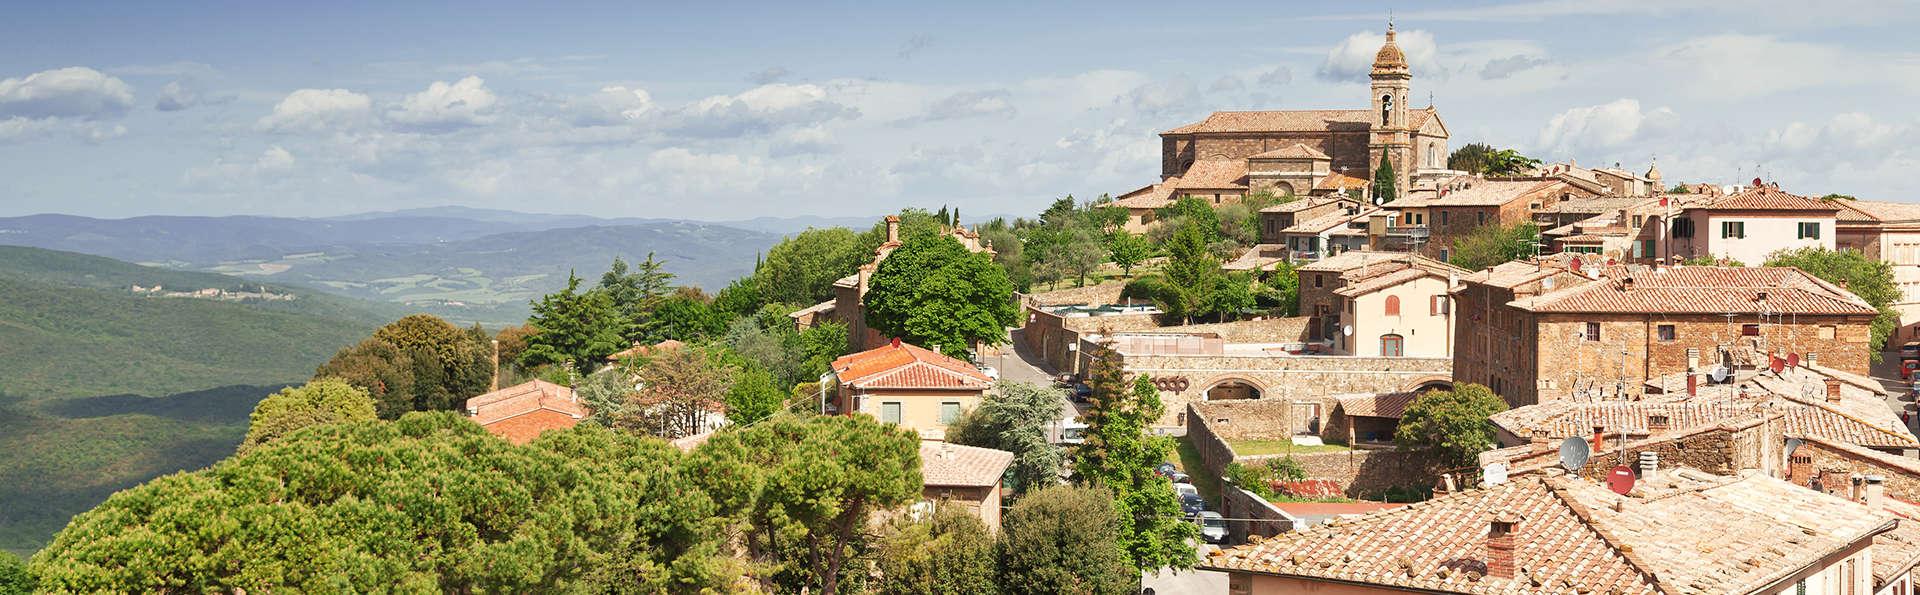 Prezzo speciale di 2 notti: relax totale in Toscana con cena e sauna